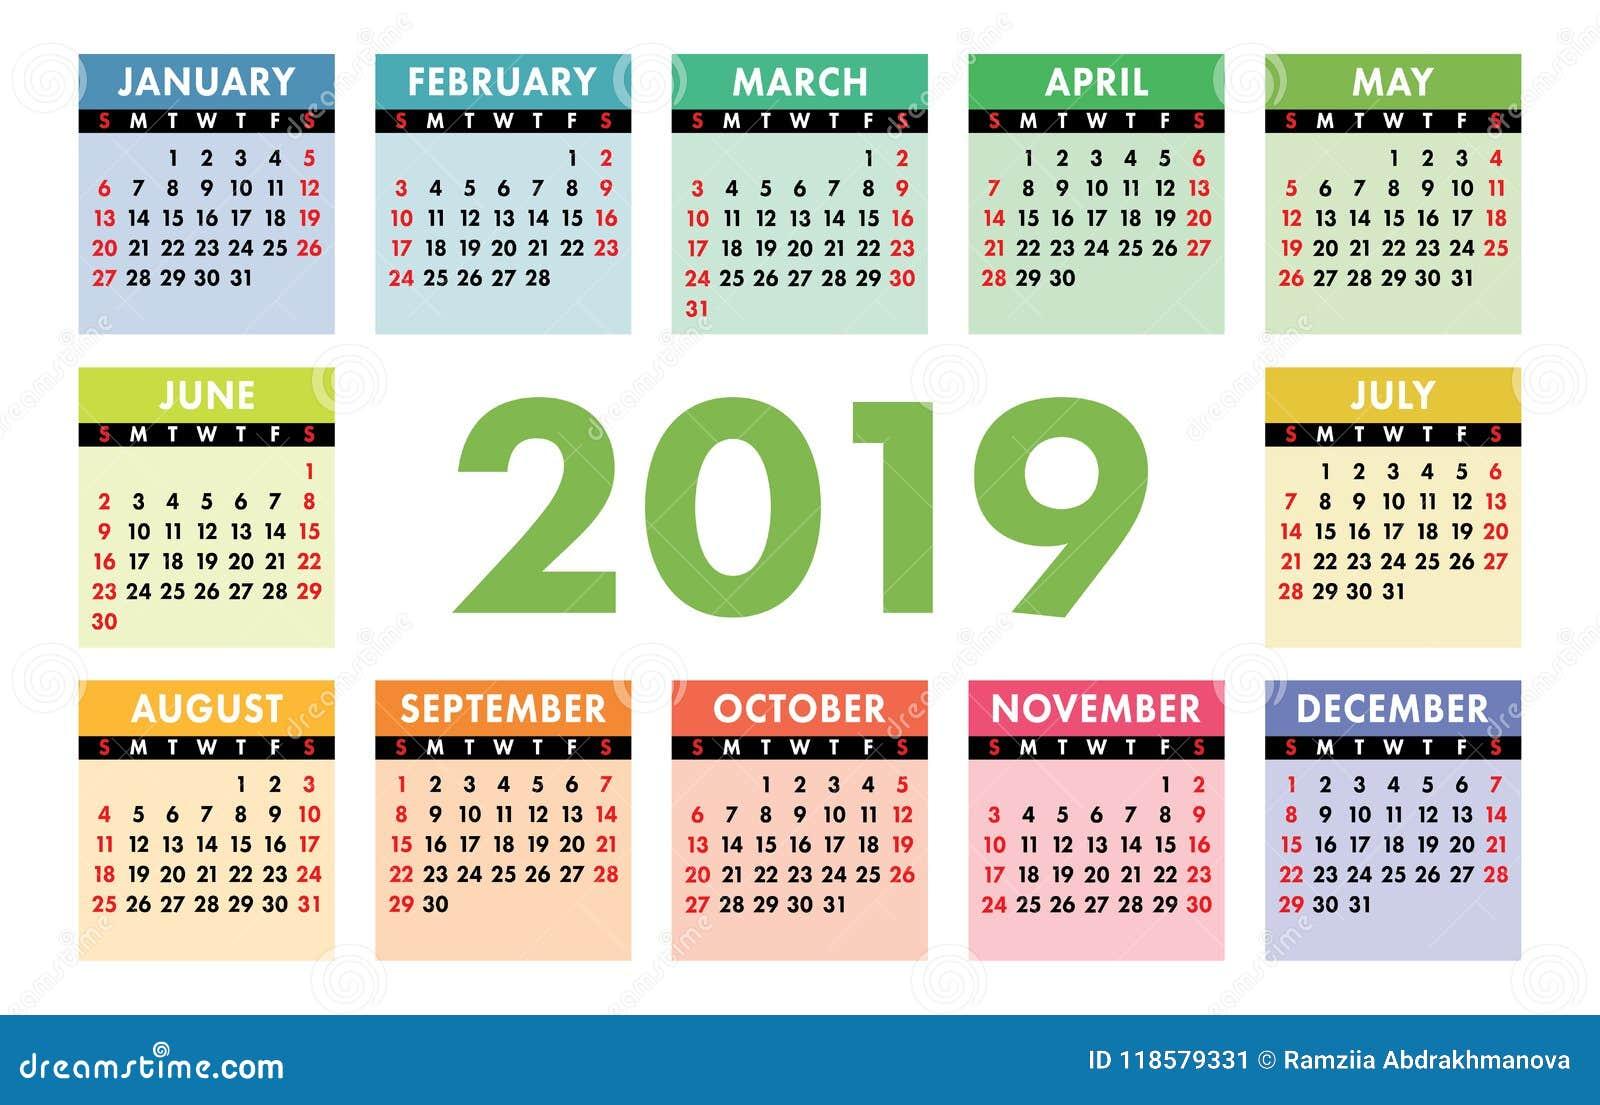 Calendario 2019 Con Numero Week.Calendar 2019 Vector Template English Calender Colorful